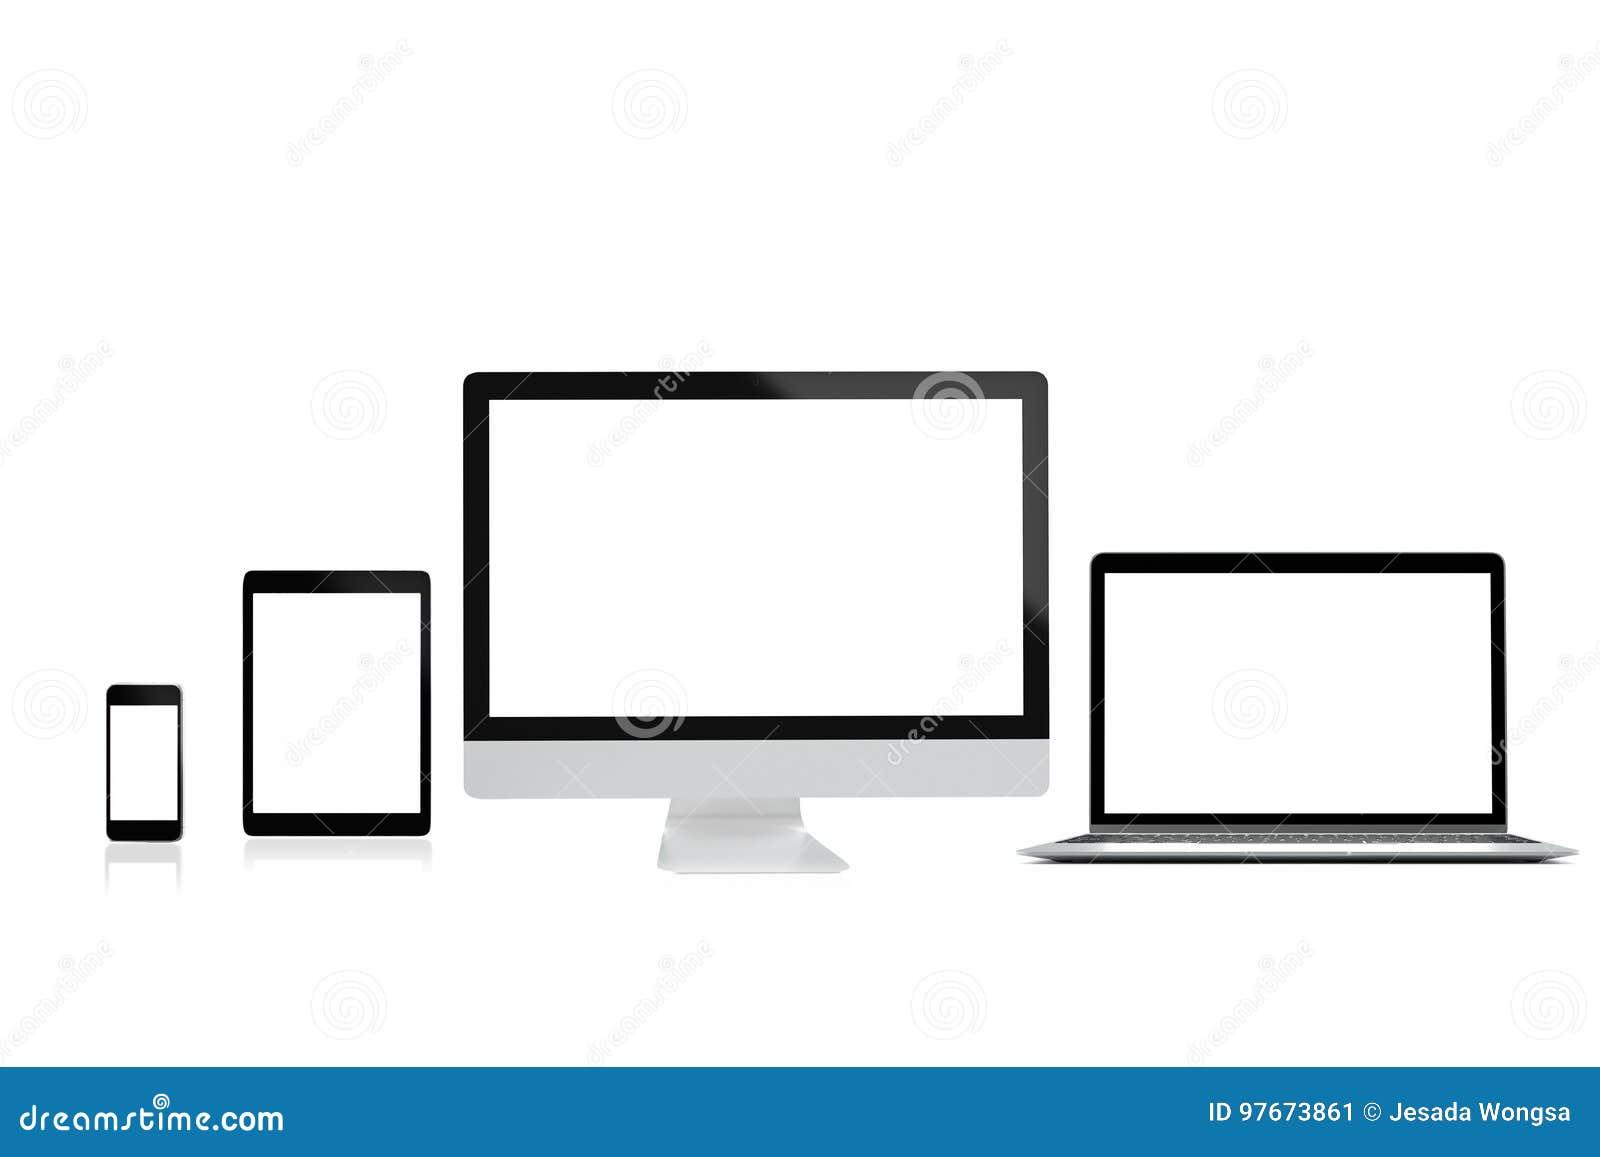 Nowożytny komputerowy laptopu telefon komórkowy, pastylka i odizolowywamy na białym tle dla mockup, 3D rendering